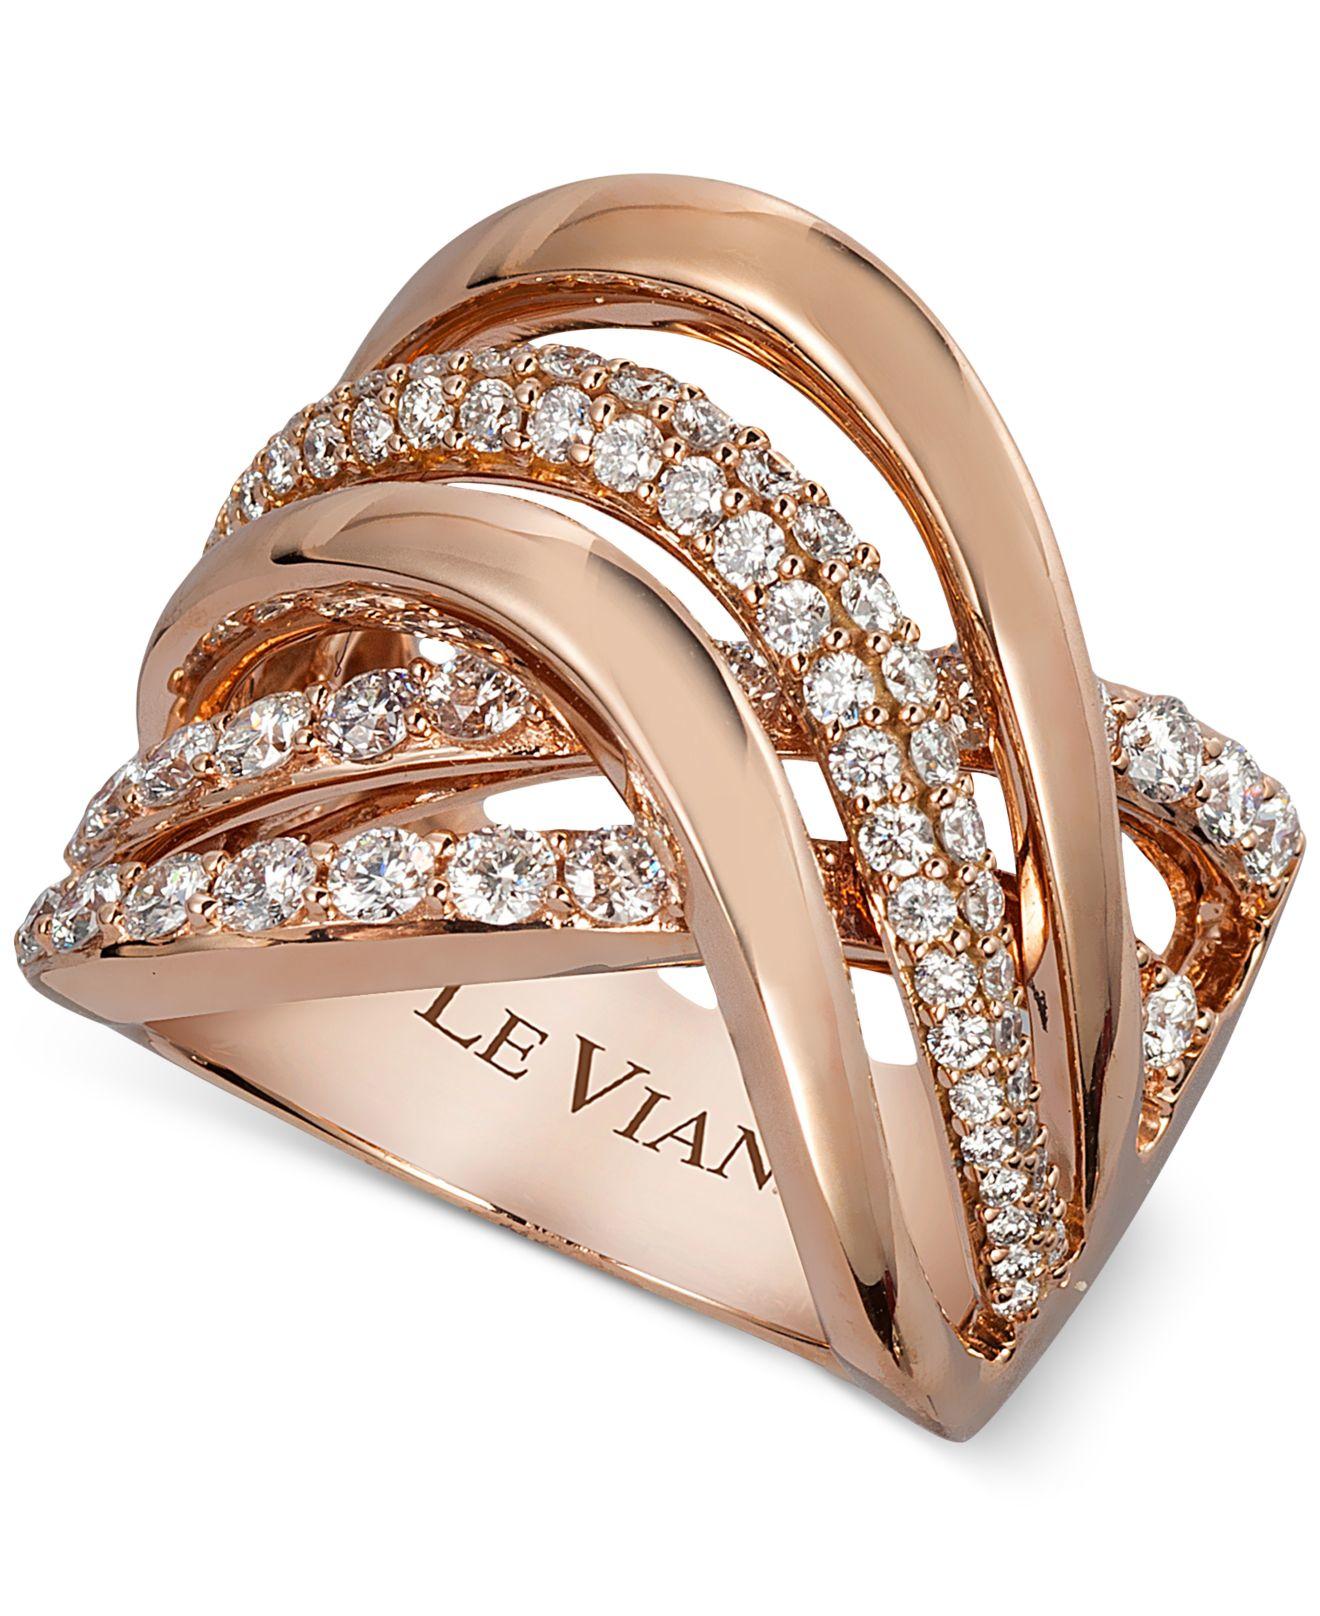 Levian Rings At Macy